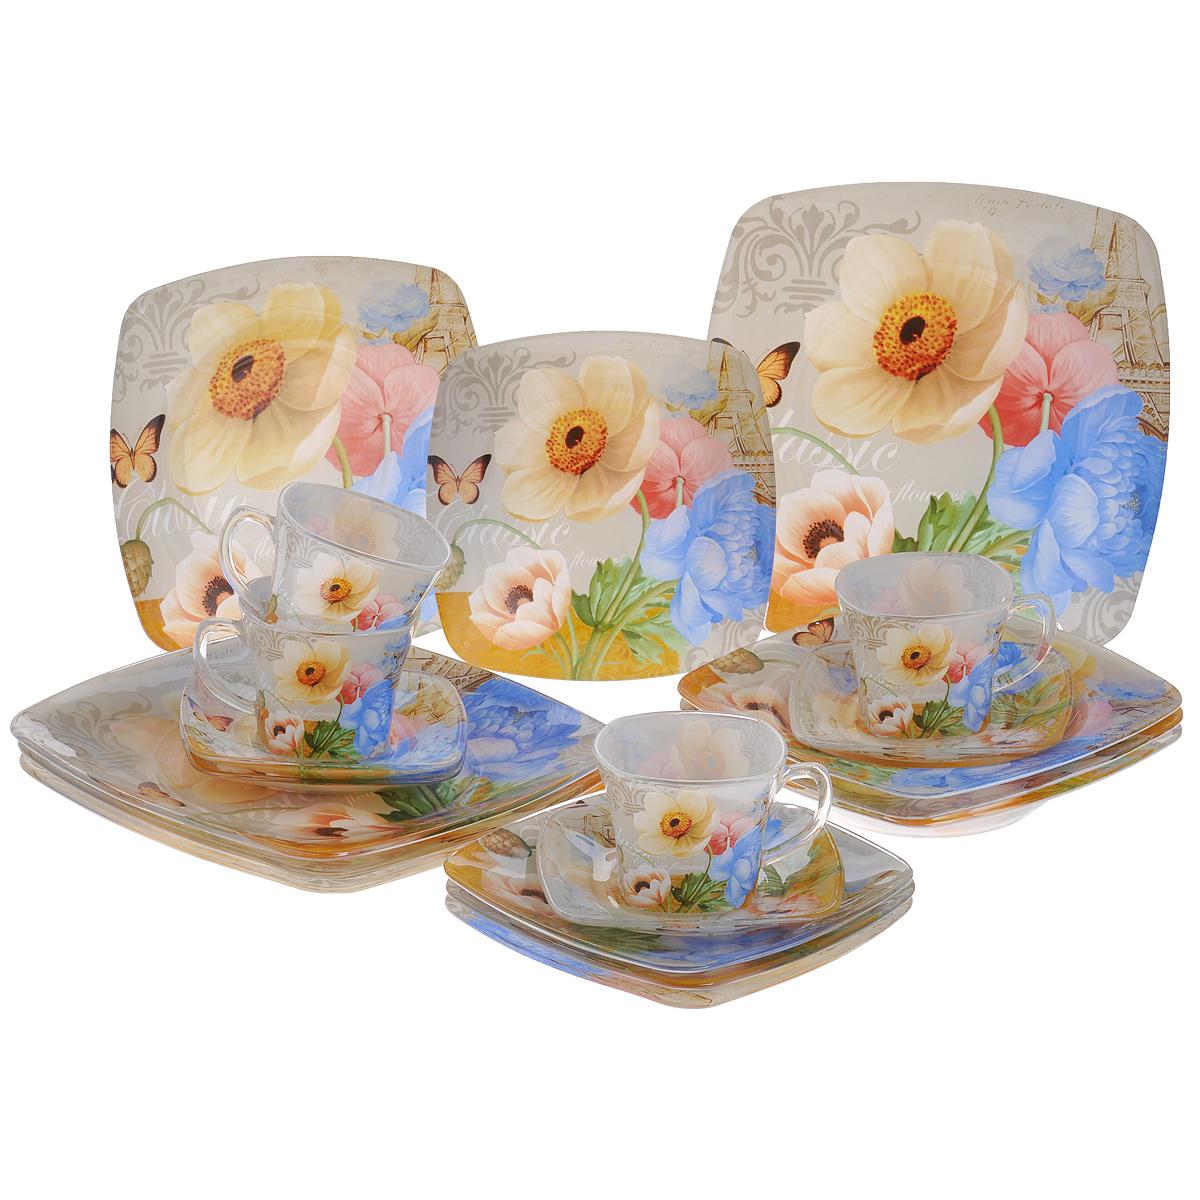 Набор посуды Цветы, 20 предметов11606-20Набор посуды состоит из 4 чашек, 4 блюдец, 4 тарелок для супа, 4 обеденных тарелок, 4 десертных тарелок. Изделия выполнены из высококачественного стекла и оформлены изображением цветов. Этот набор эффектно украсит стол к обеду, а также прекрасно подойдет для торжественных случаев. Красочность оформления придется по вкусу и ценителям классики, и тем, кто предпочитает утонченность и изящность.Набор можно мыть в посудомоечной машине.